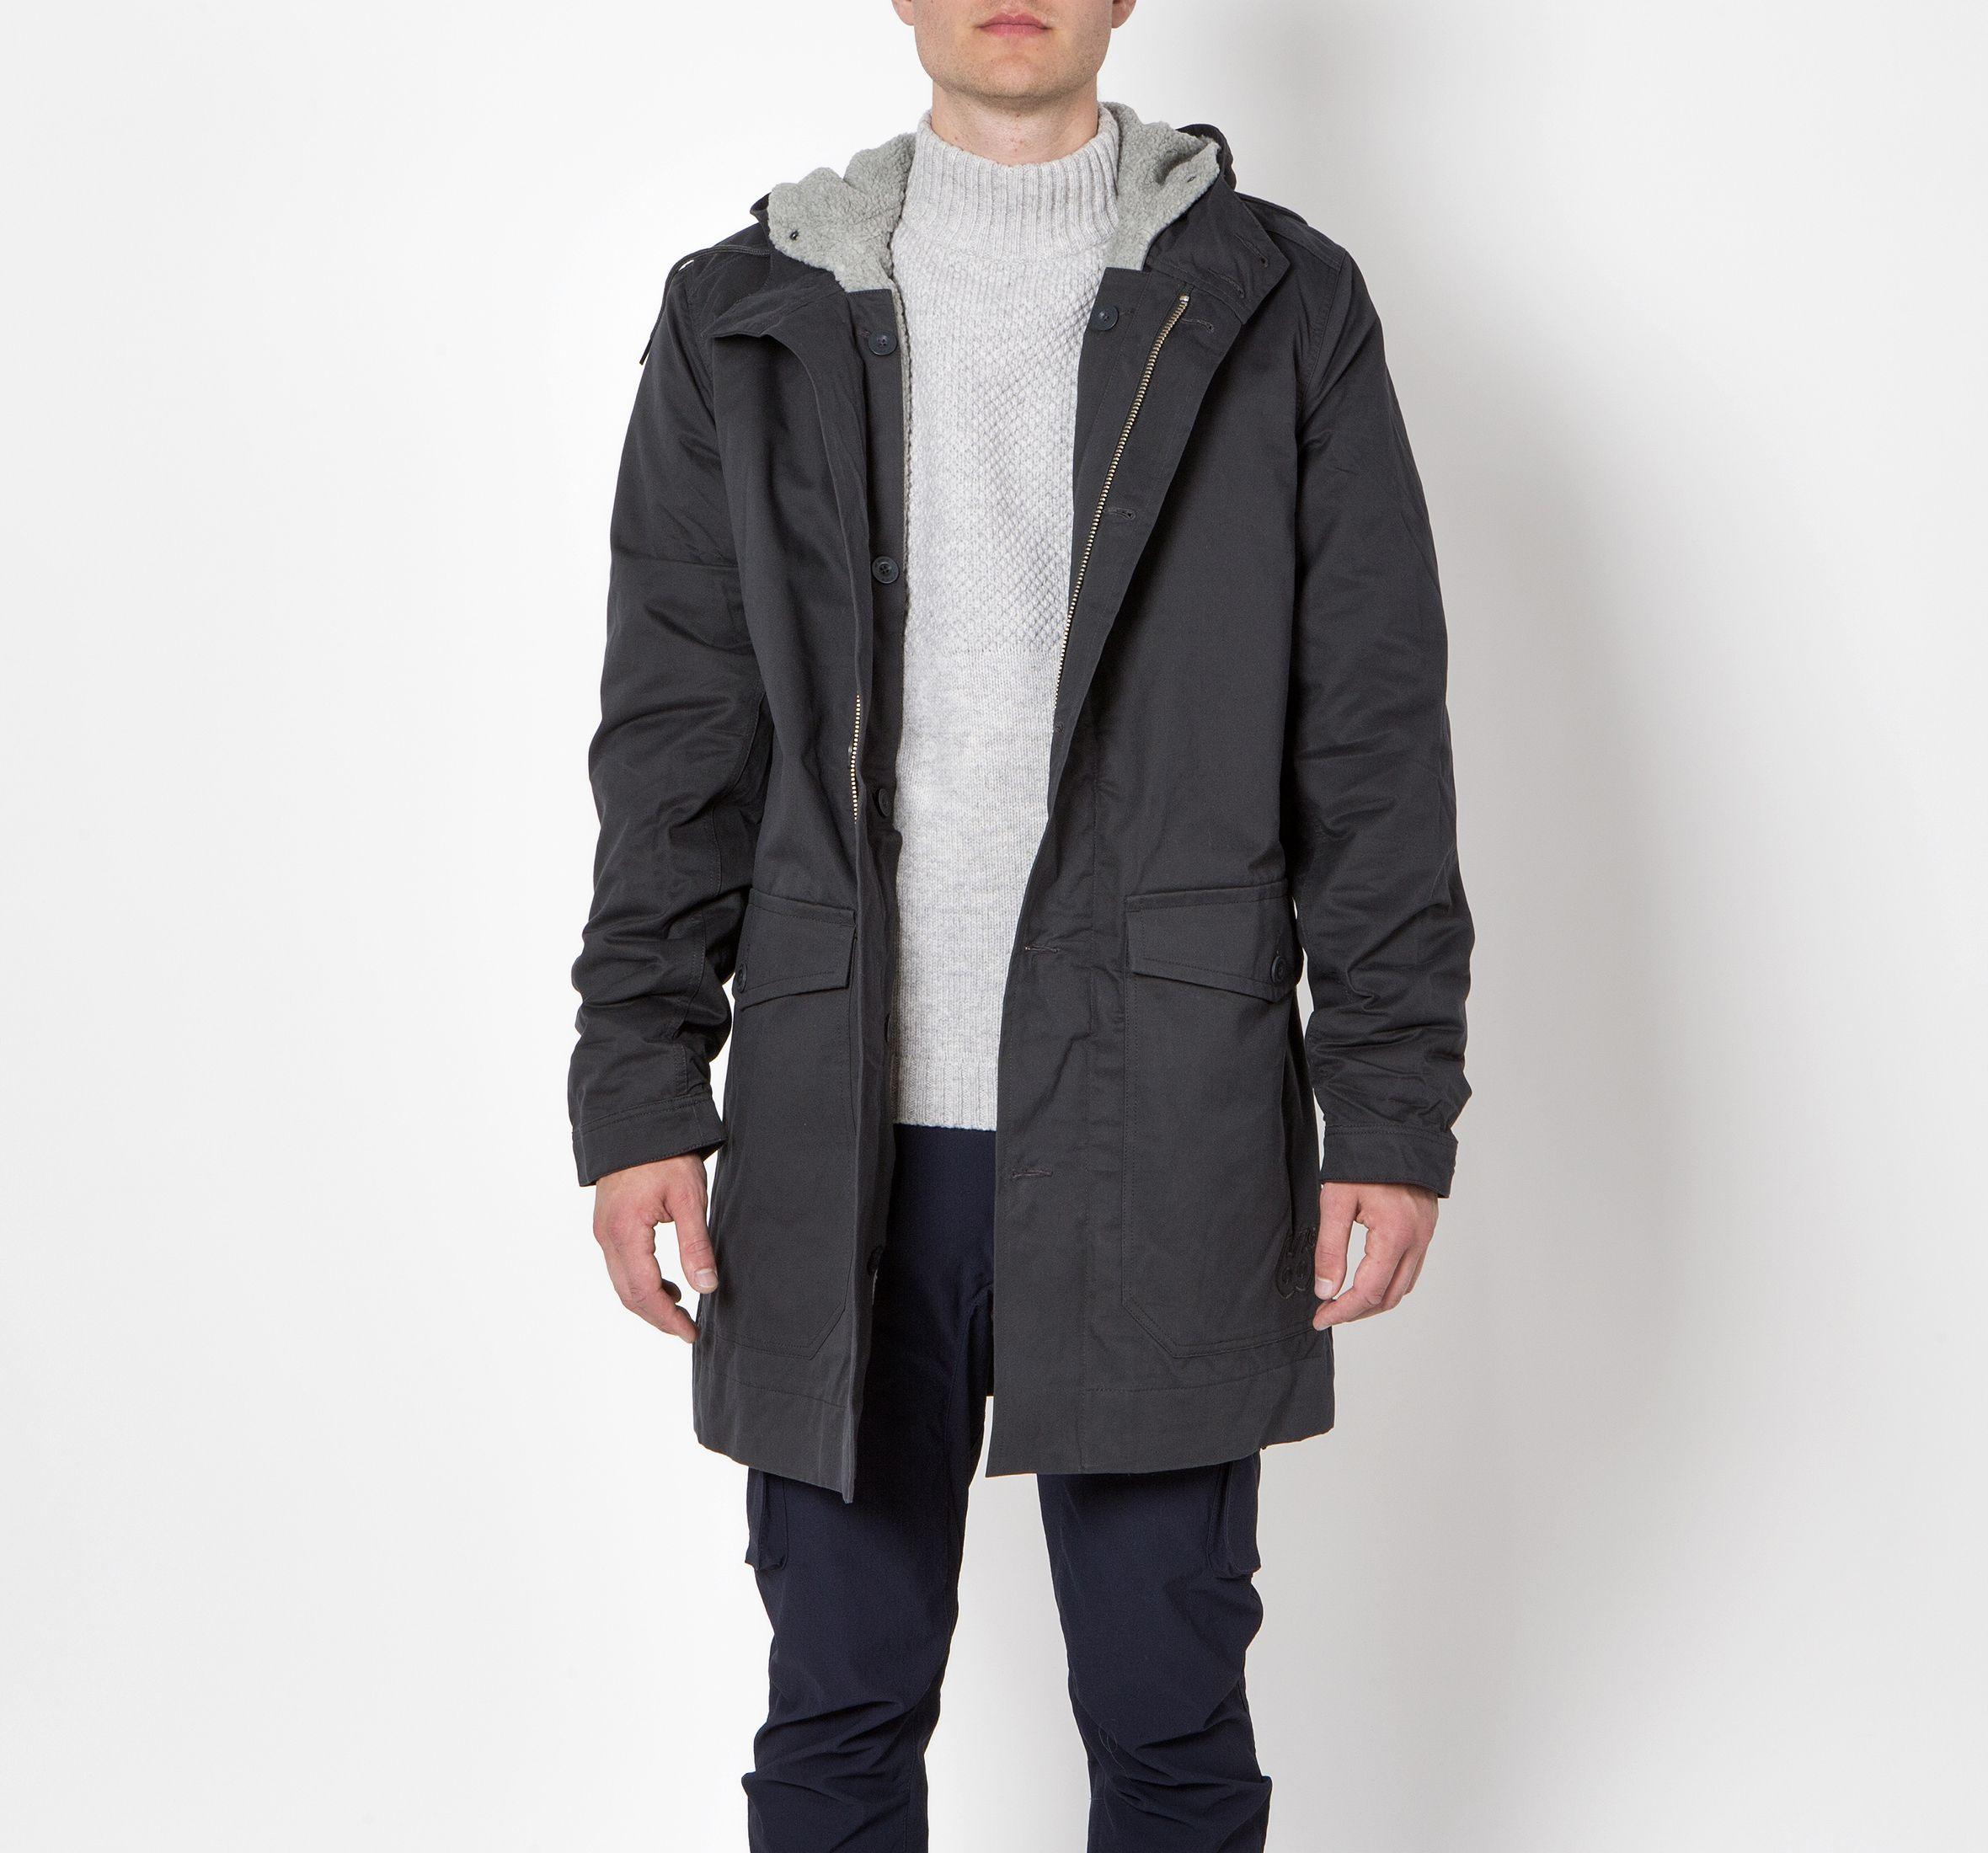 e7504f8cc Arnarholl Men's Coat - 66°NORTH | Clothes | Coat, Winter jackets ...